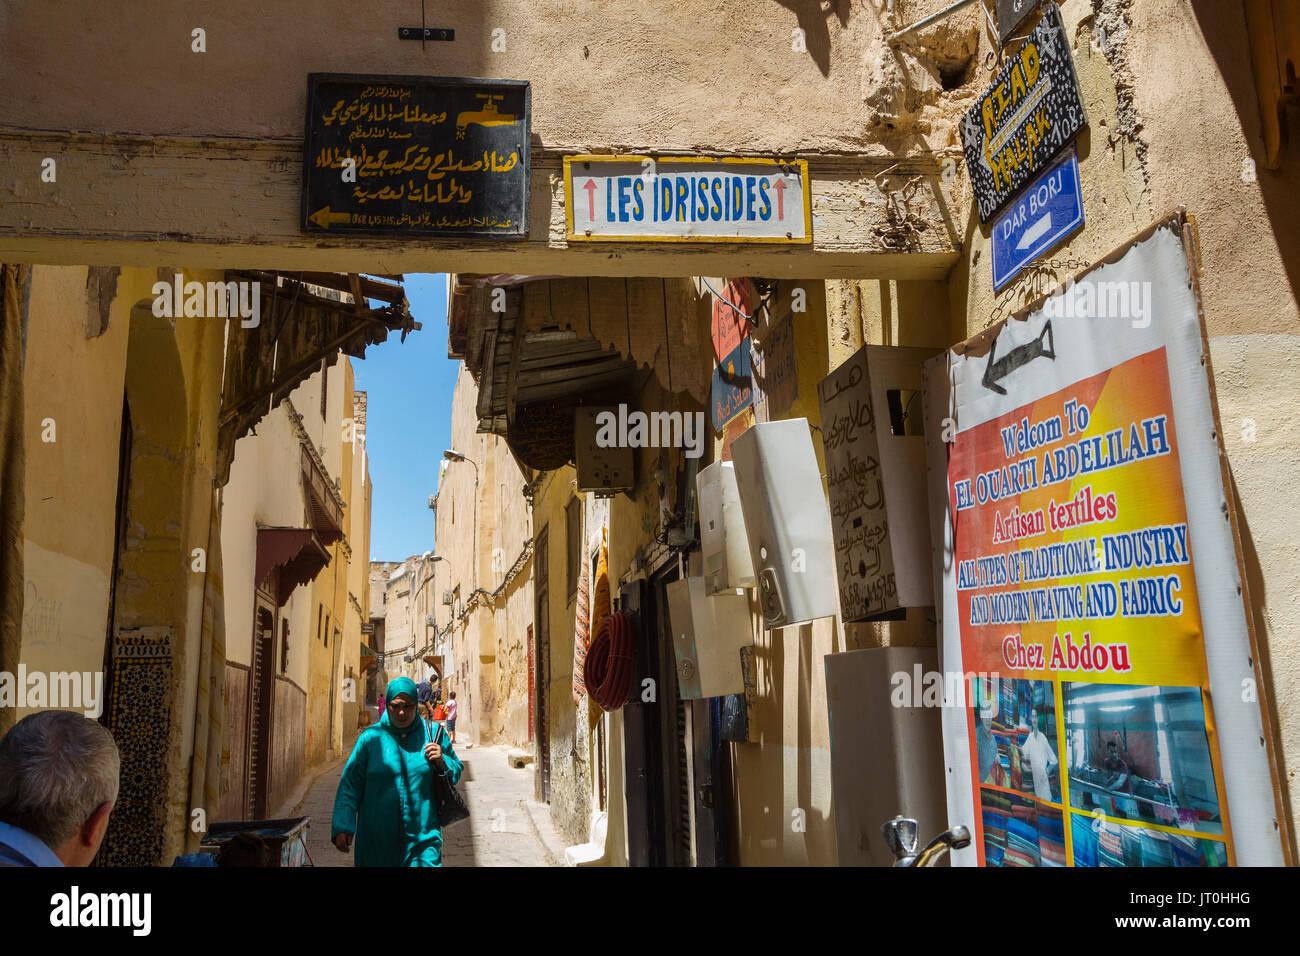 Das Leben auf der Straße. Souk Medina von Fes, Fes el Bali. Marokko, Maghreb Nordafrika Stockbild